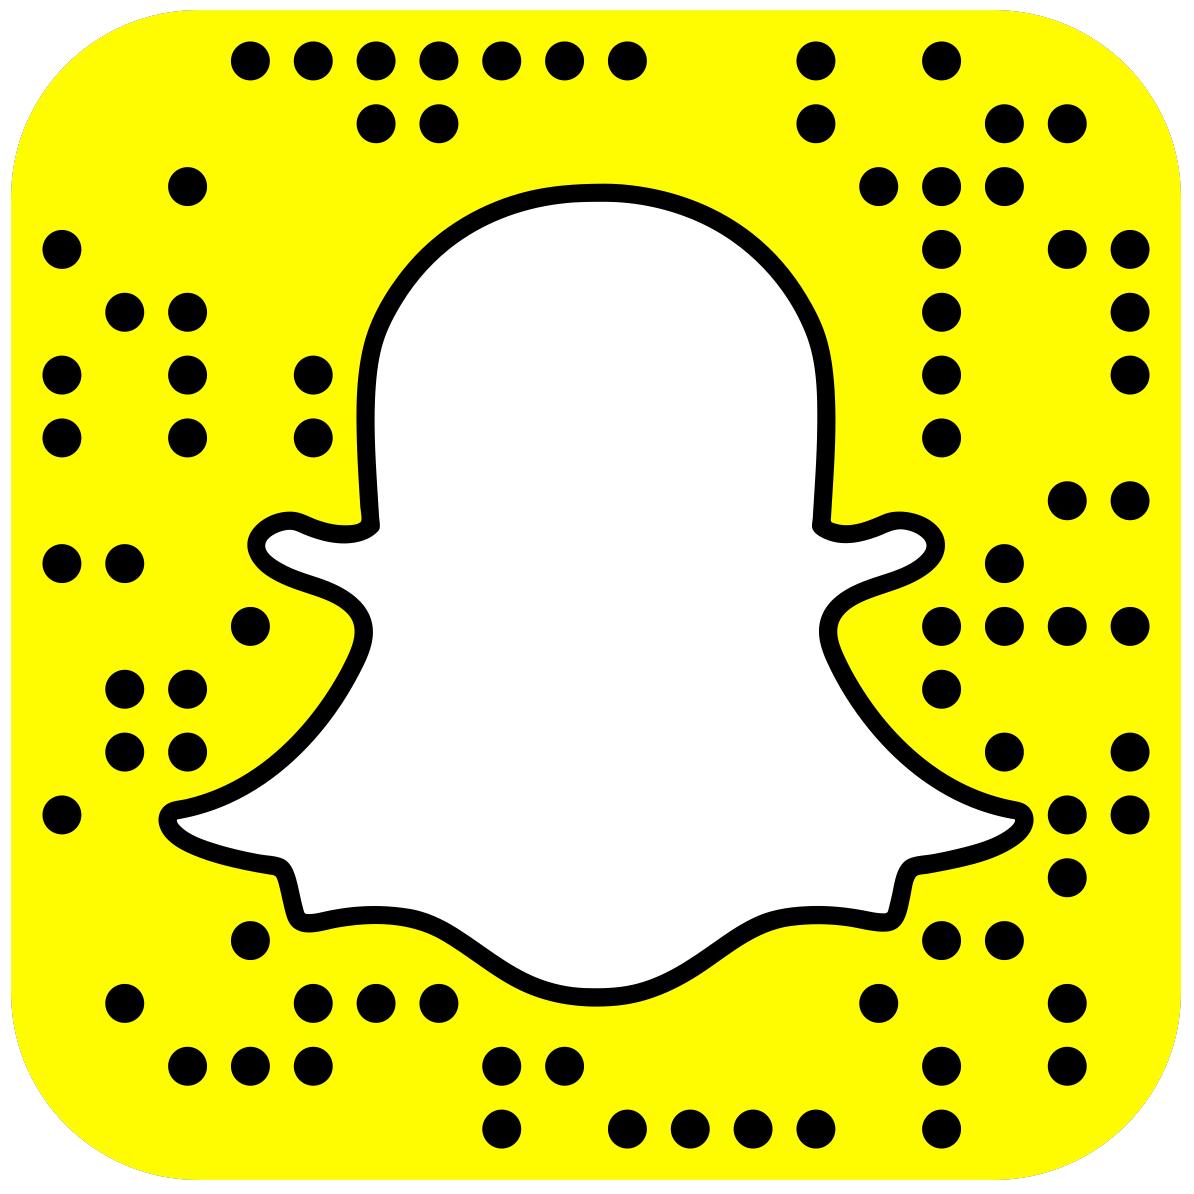 Becca Tobin Snapchat username